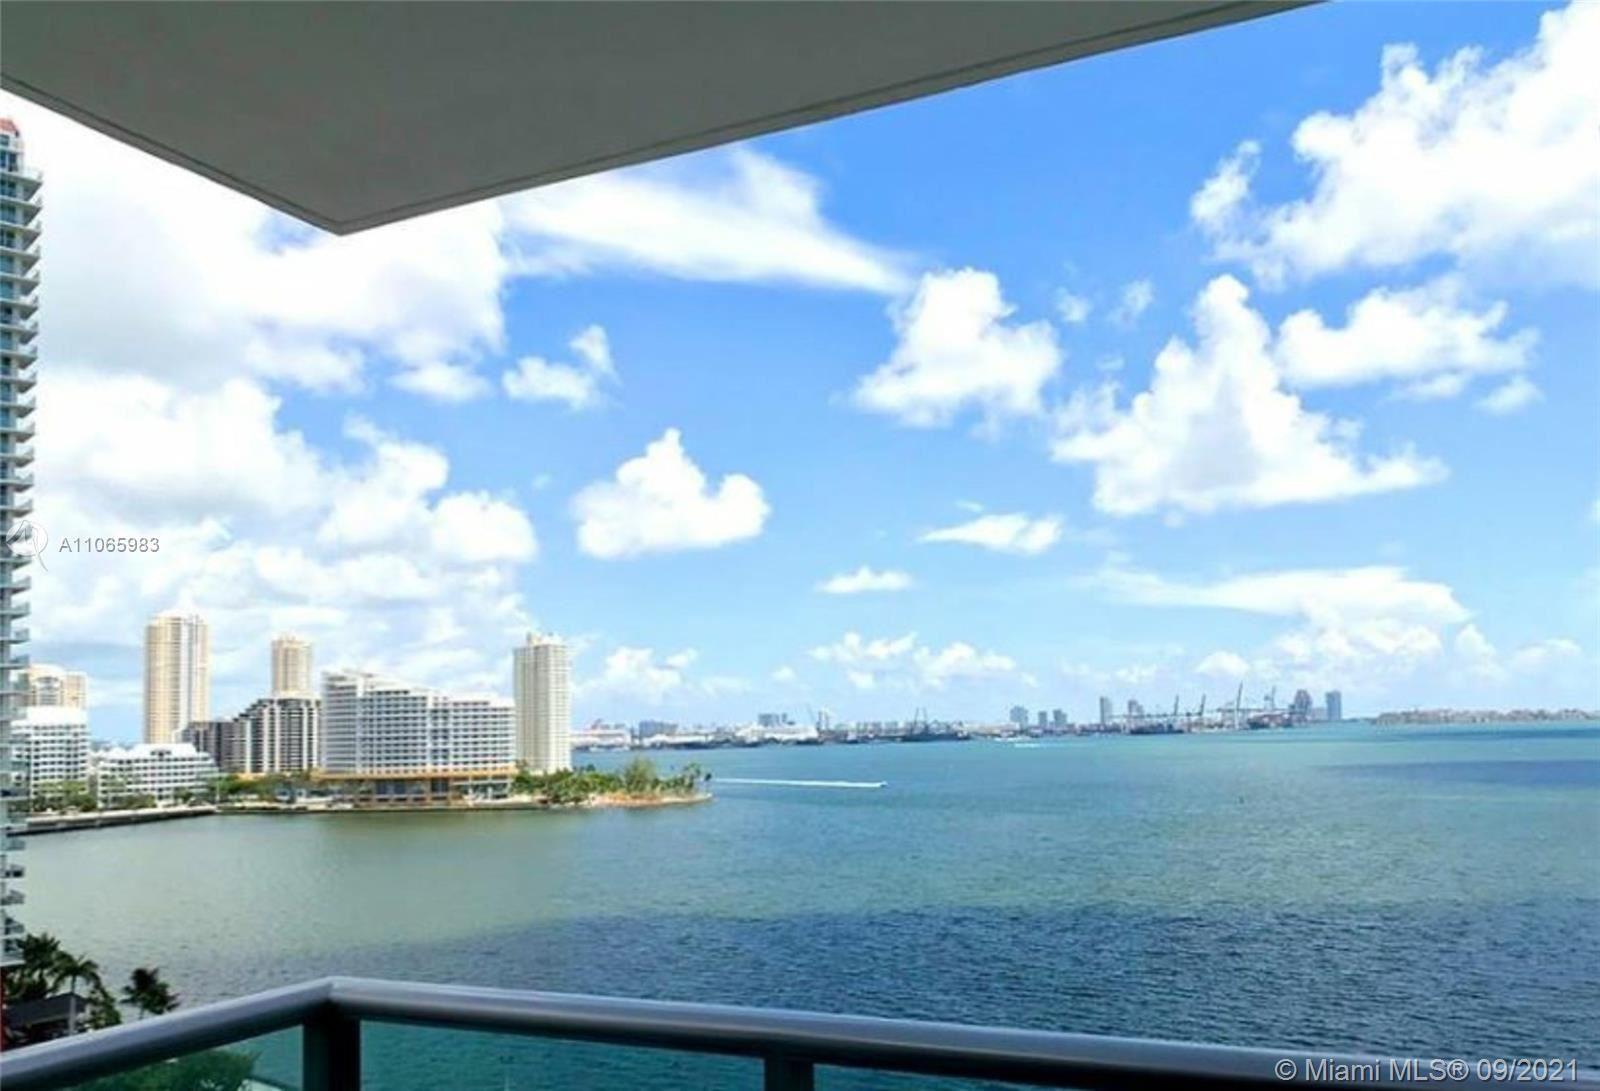 1331 Brickell Bay Dr #2602, Miami, FL 33131 - #: A11065983